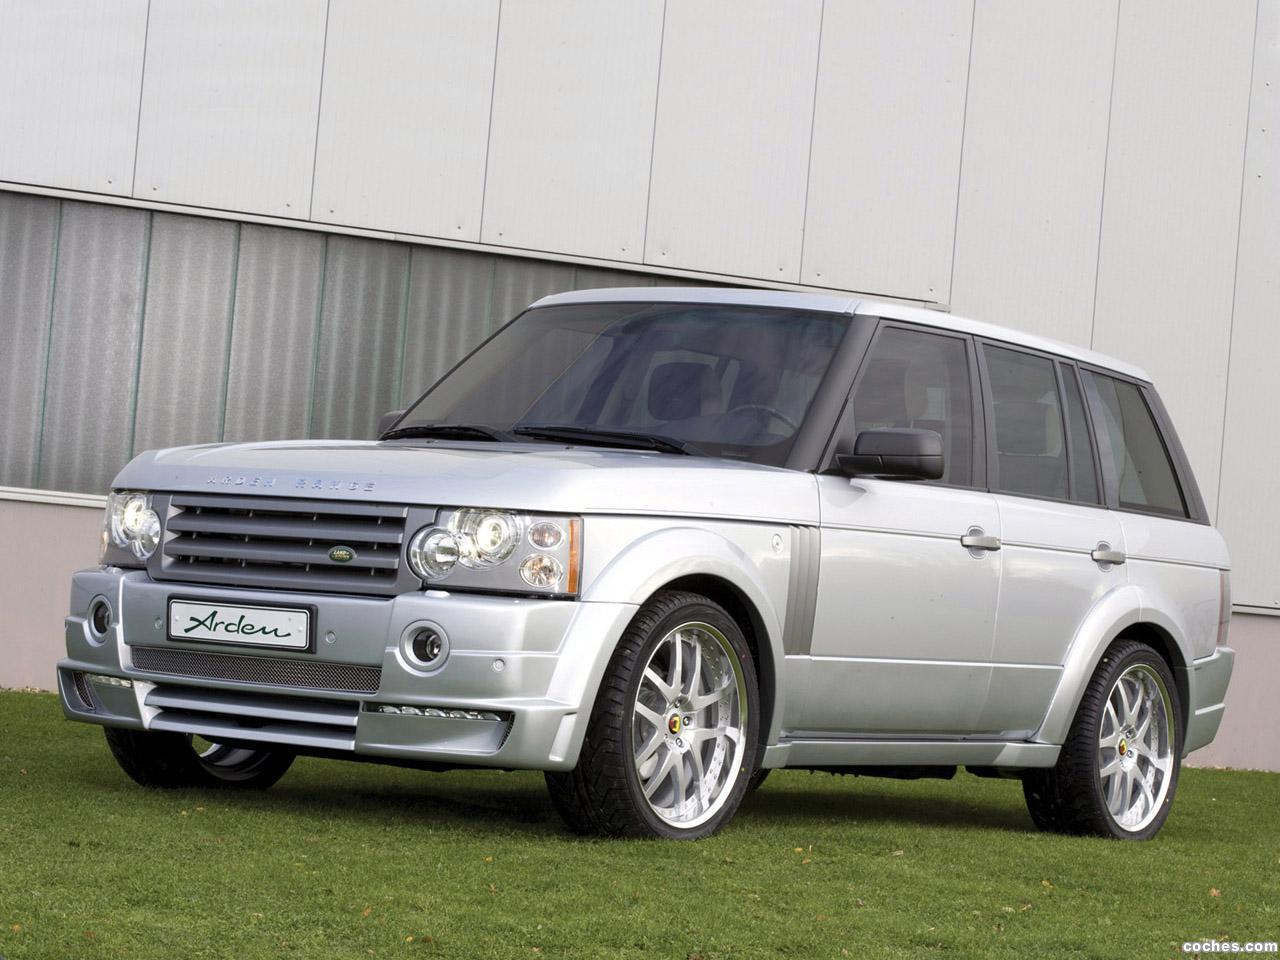 Fotos de Land Rover Arden Range Rover AR7 Highlander 2007